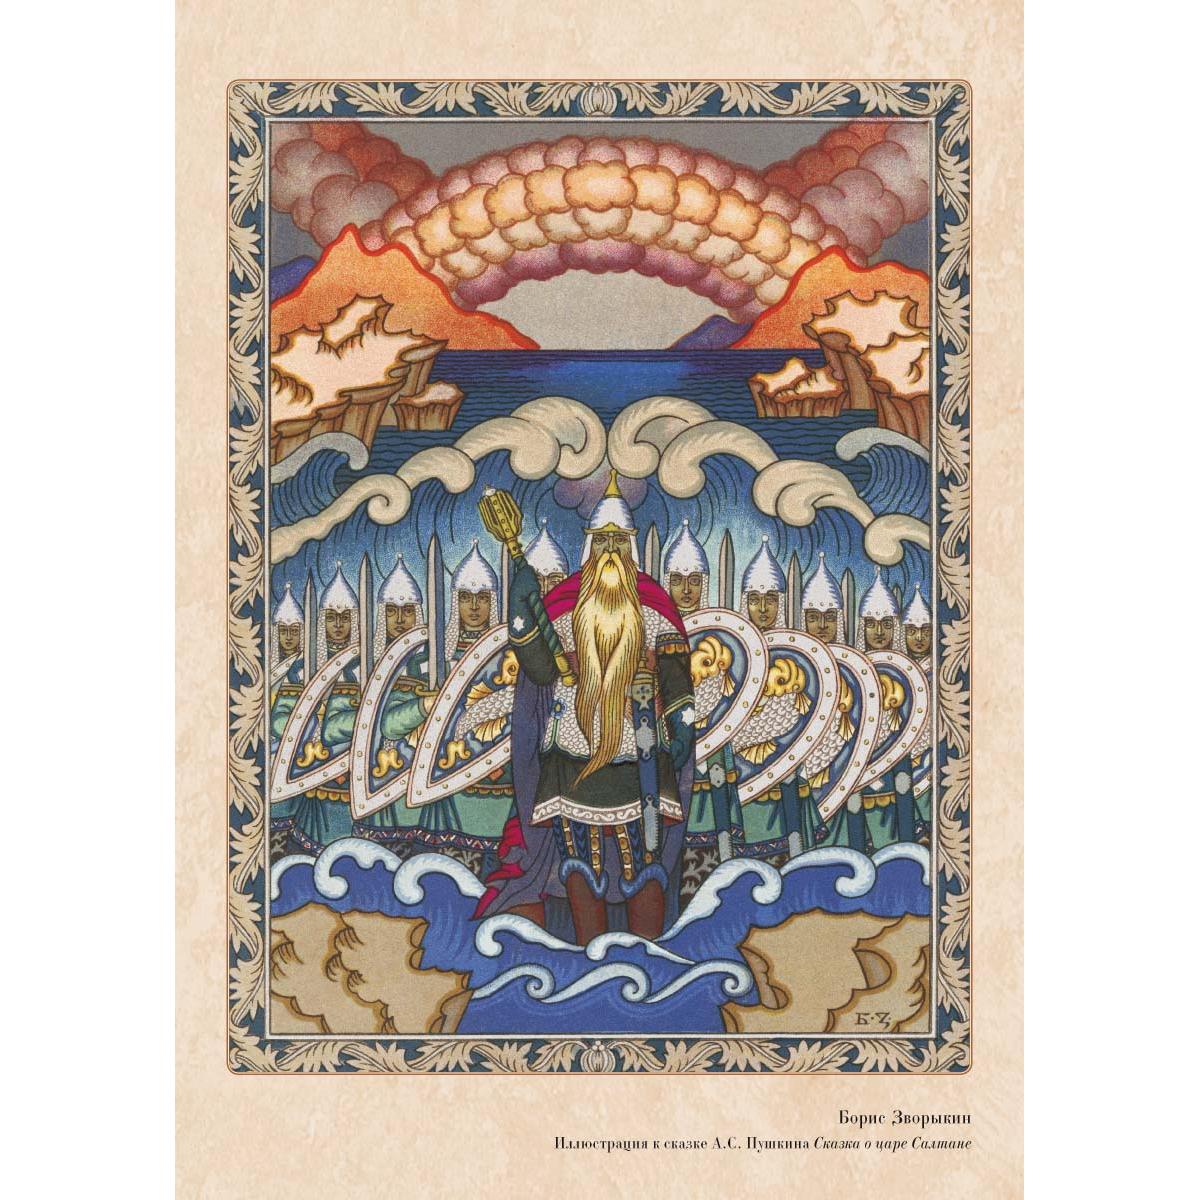 Иван билибин иллюстрация к сказке